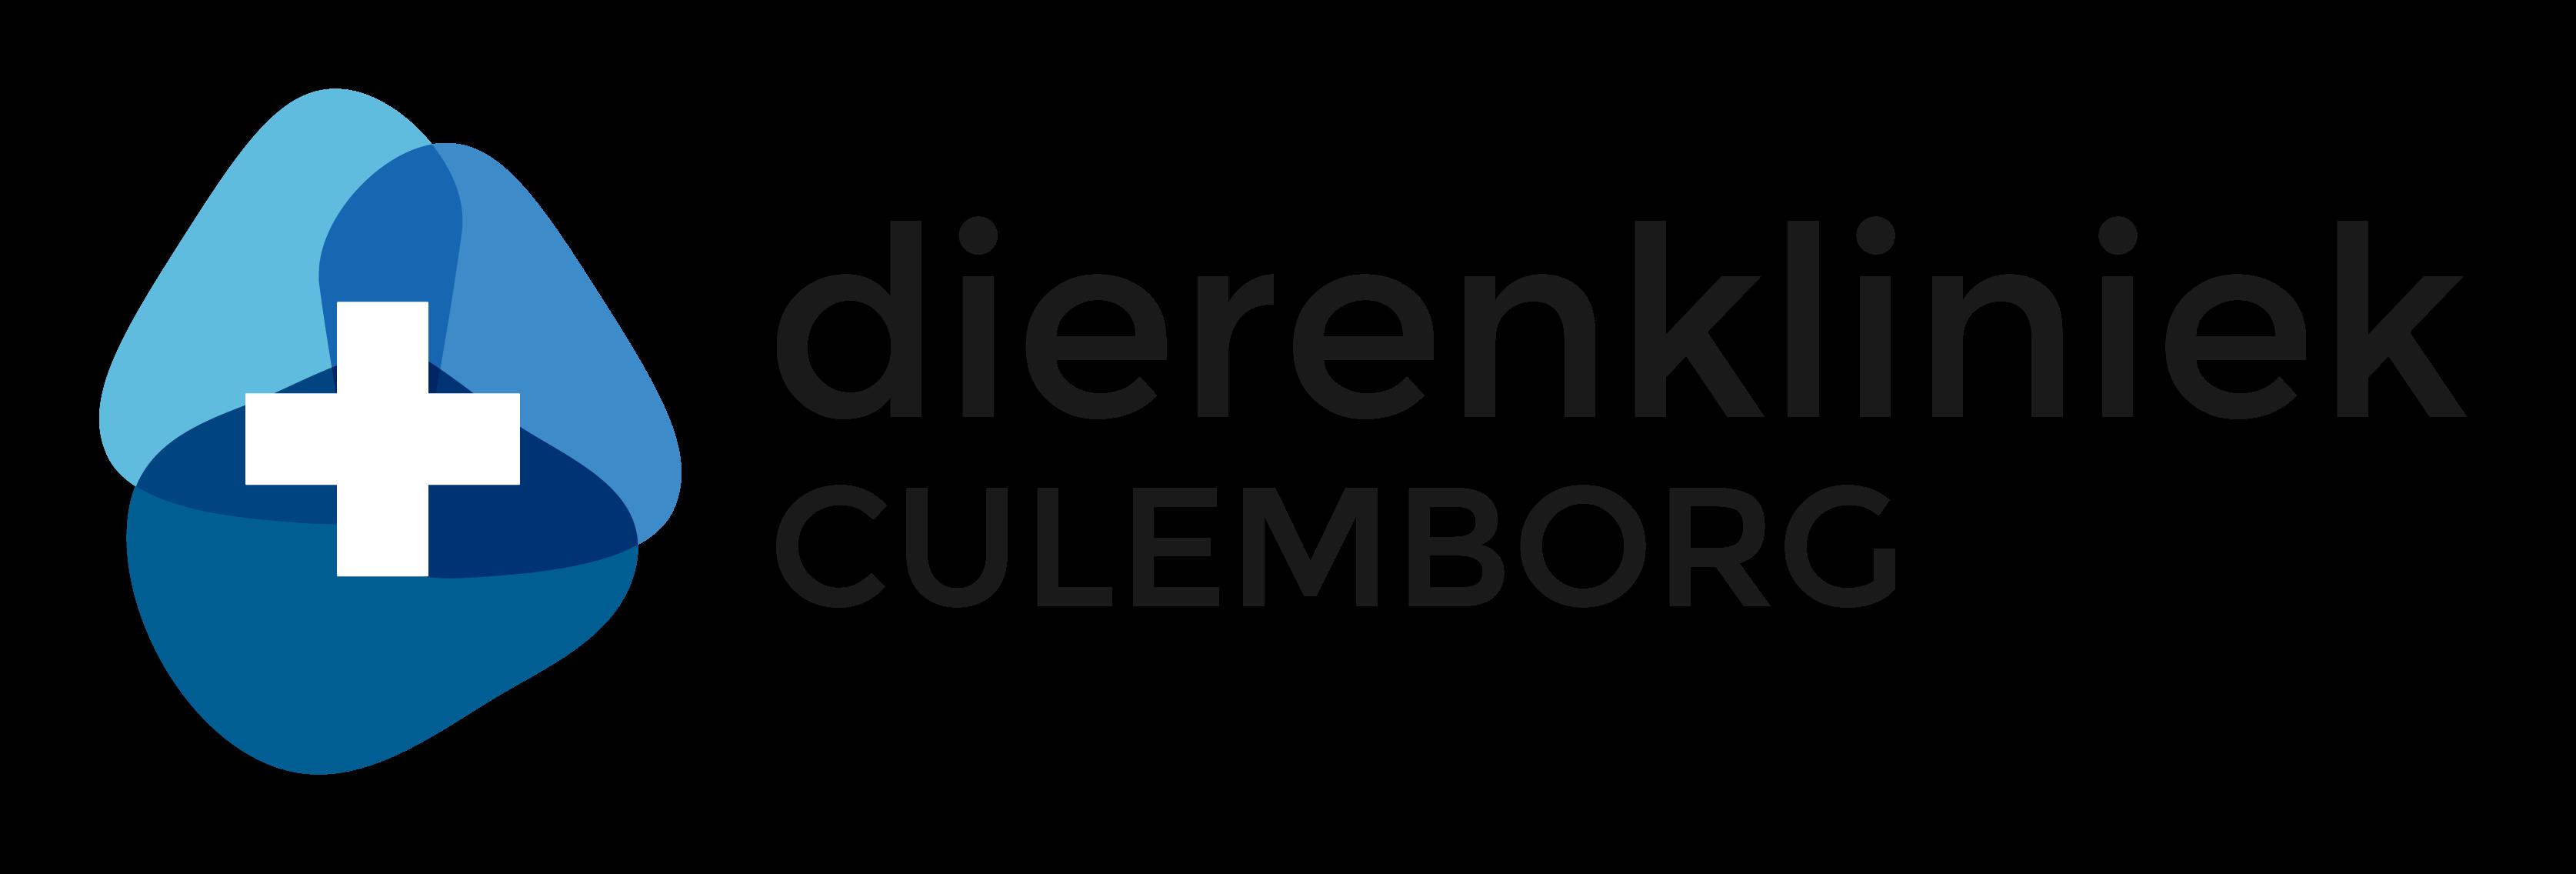 Dierenkliniek Culemborg